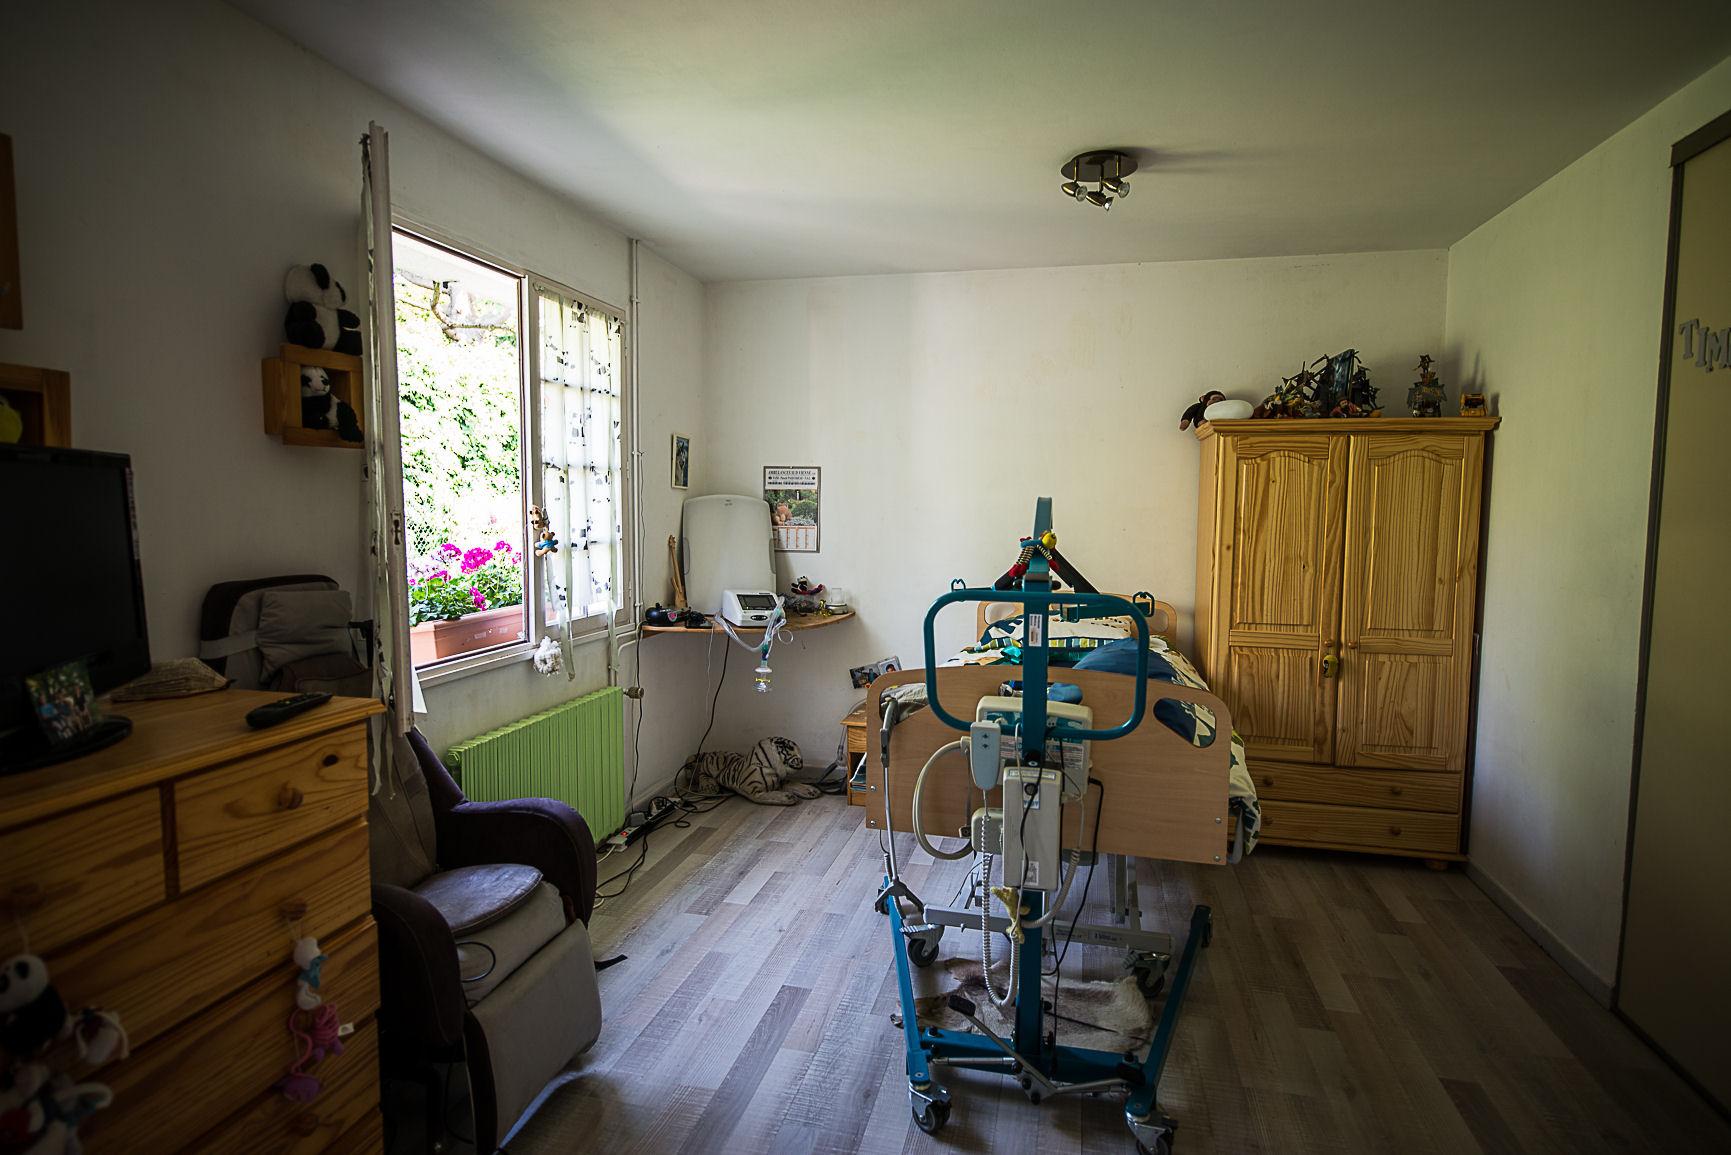 Salle De Bain Amenagee Handicap ~ maison vendre adapt e pour handicap